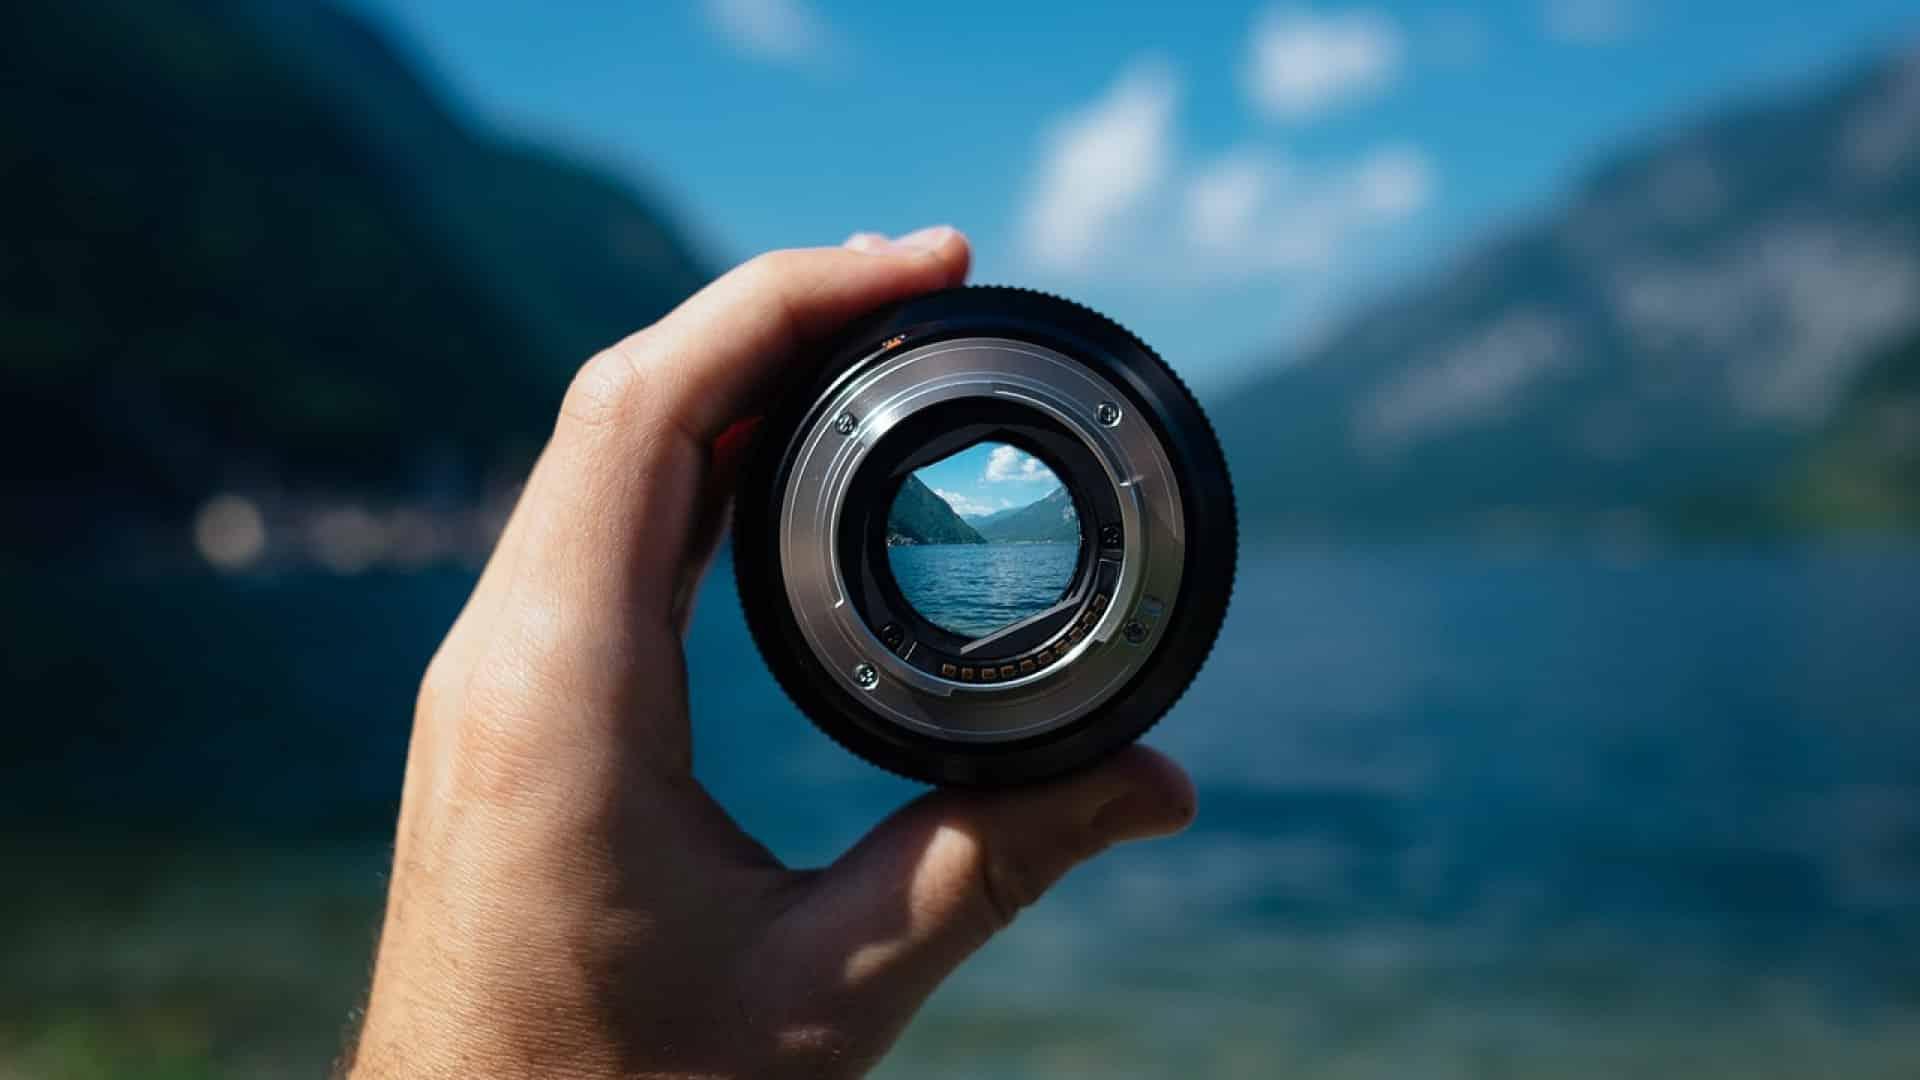 Quelles sont les informations que l'on retrouve sur les blogs sur la photographie ?